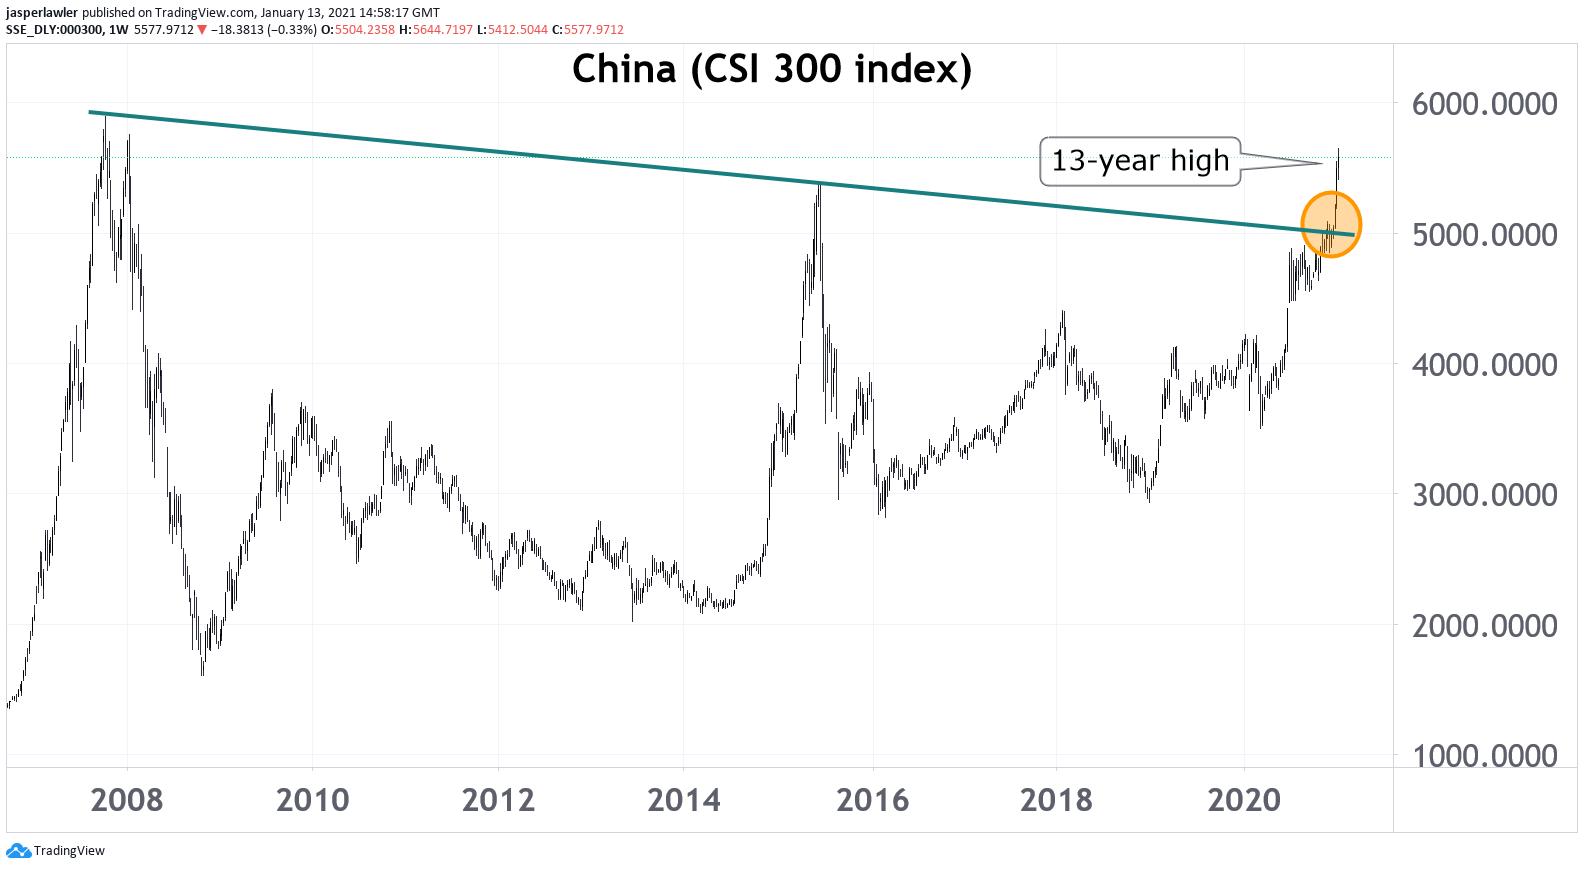 China CSI 300